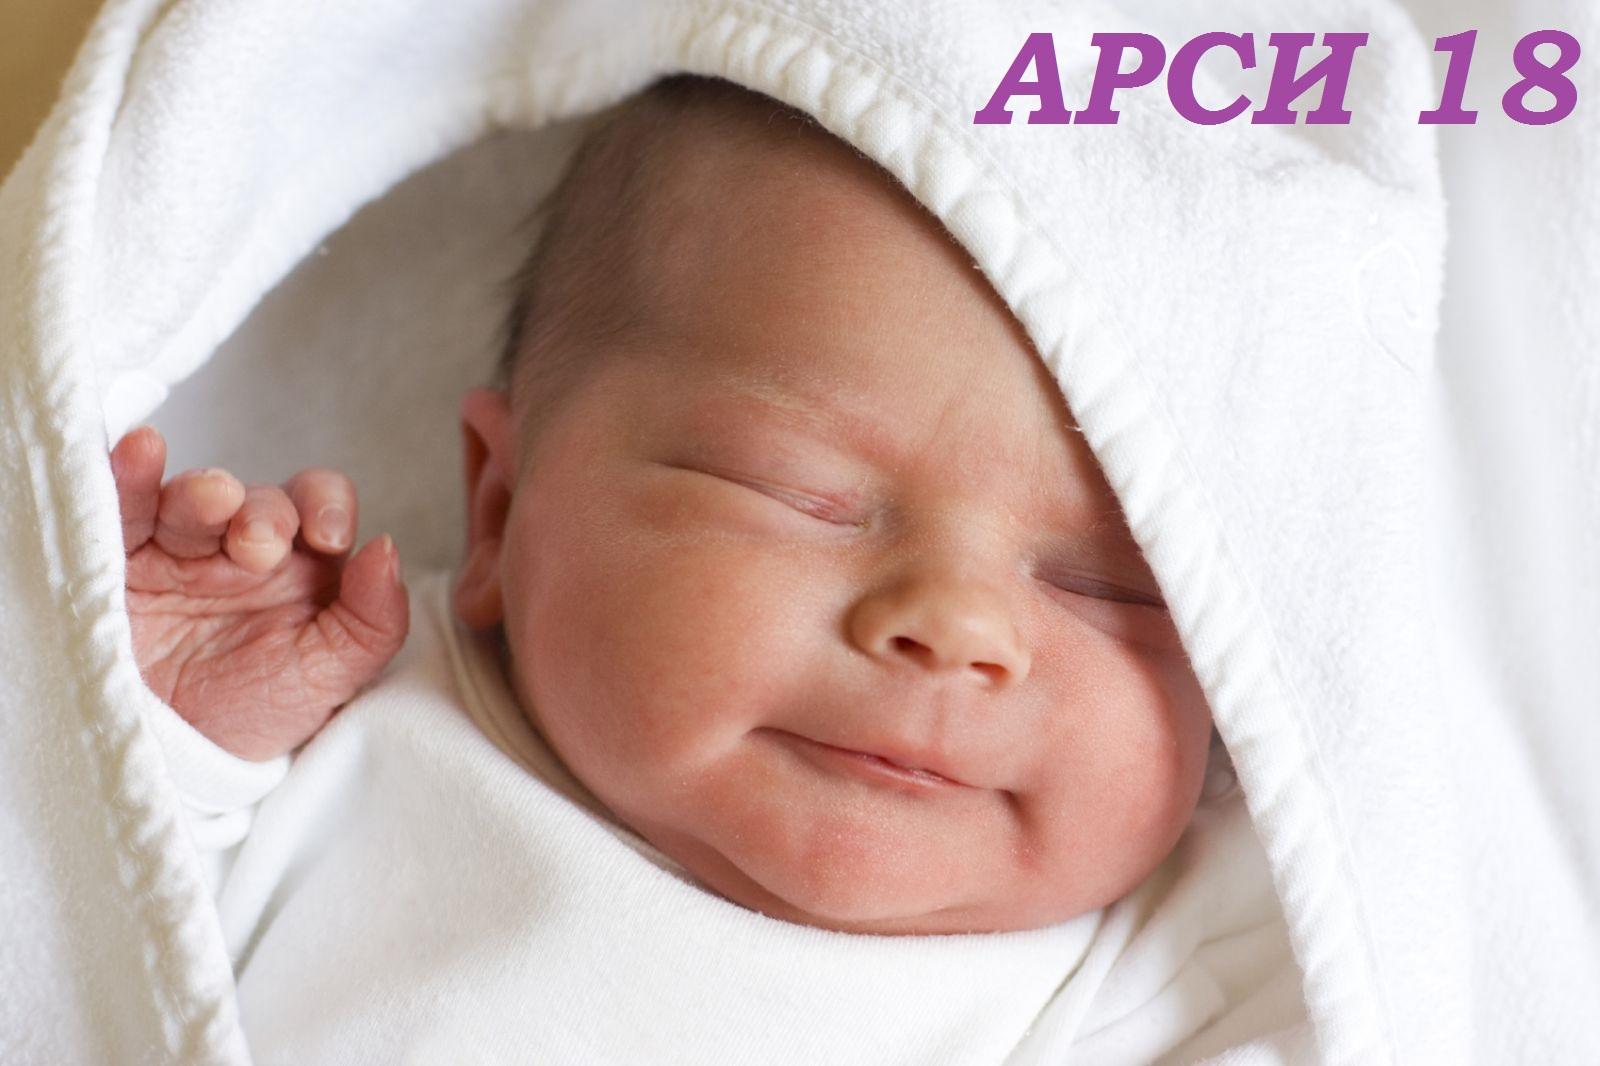 Сбор заказов. Арси-18- шикарные комплекты на выписку, верхняя одежда для новорожденных на все сезоны. Одеяла-конверты, шапочки, слинги и много чего нужного для малышей. Новинки. Отзывы.